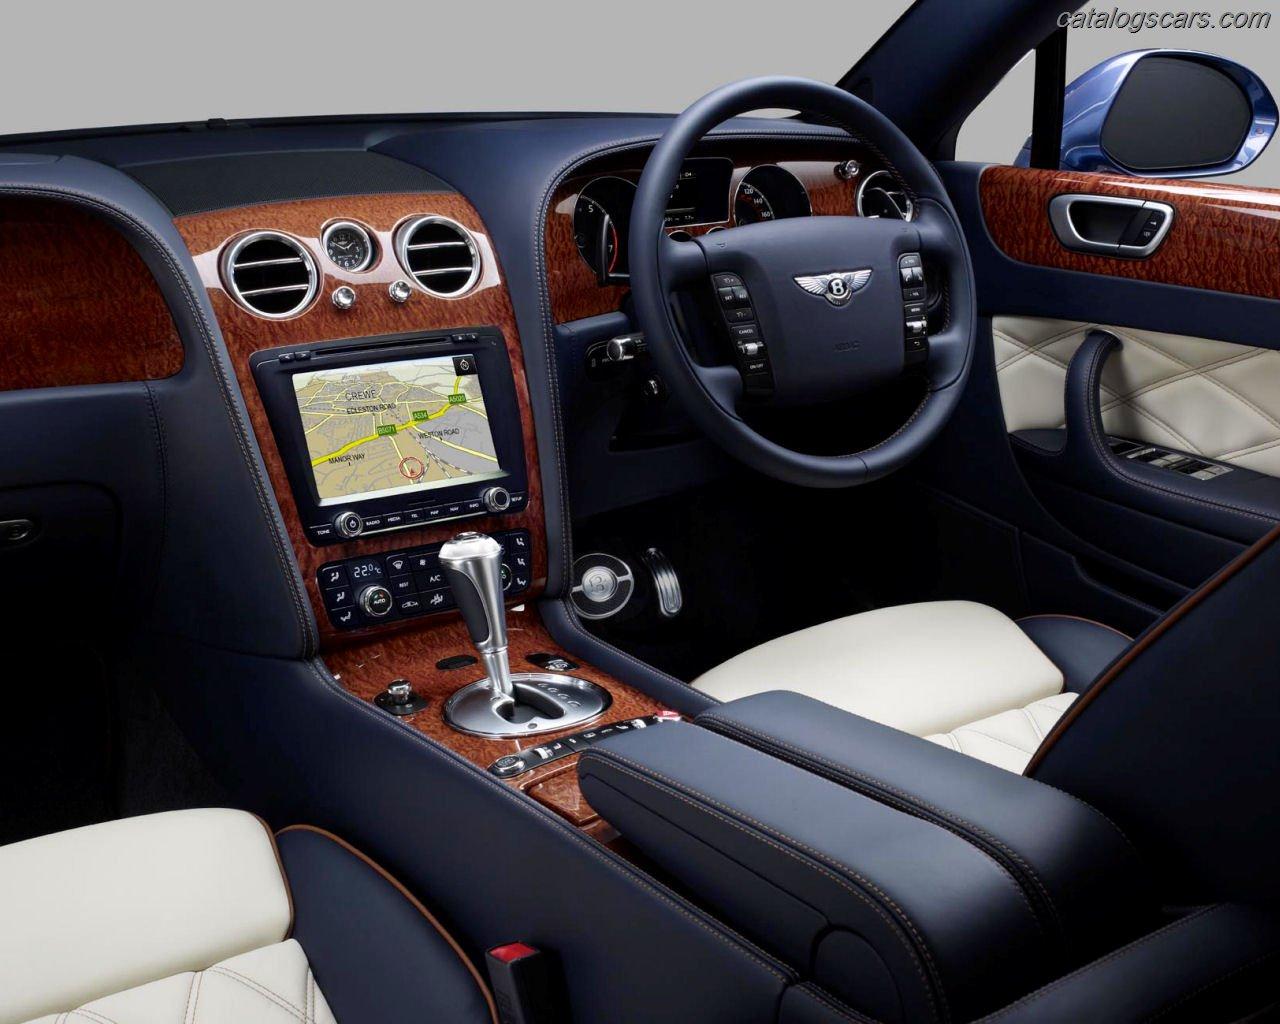 صور سيارة بنتلى كونتيننتال سيريس 51 2012 - اجمل خلفيات صور عربية بنتلى كونتيننتال سيريس 51 2012 - Bentley Continental Series 51 Photos Bentley-Continental-Series-51-2011-11.jpg